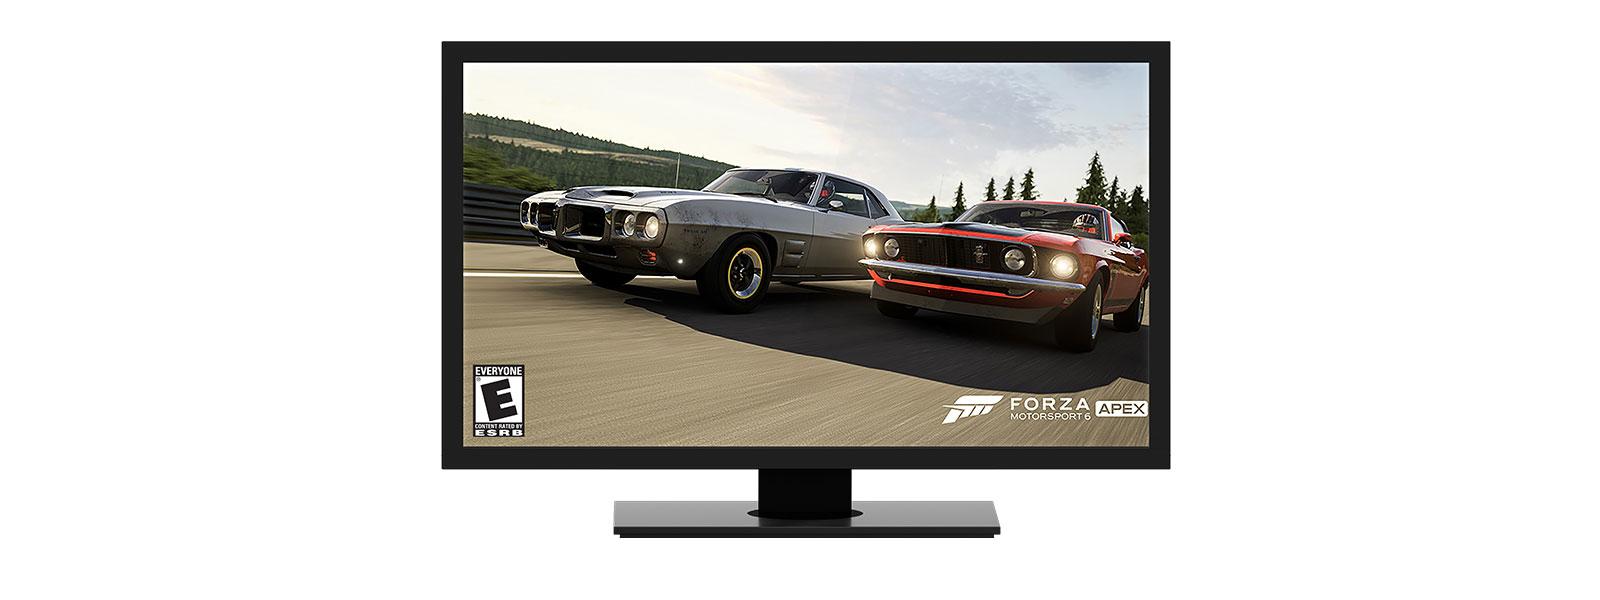 Forza-spil på Windows-skrivebord